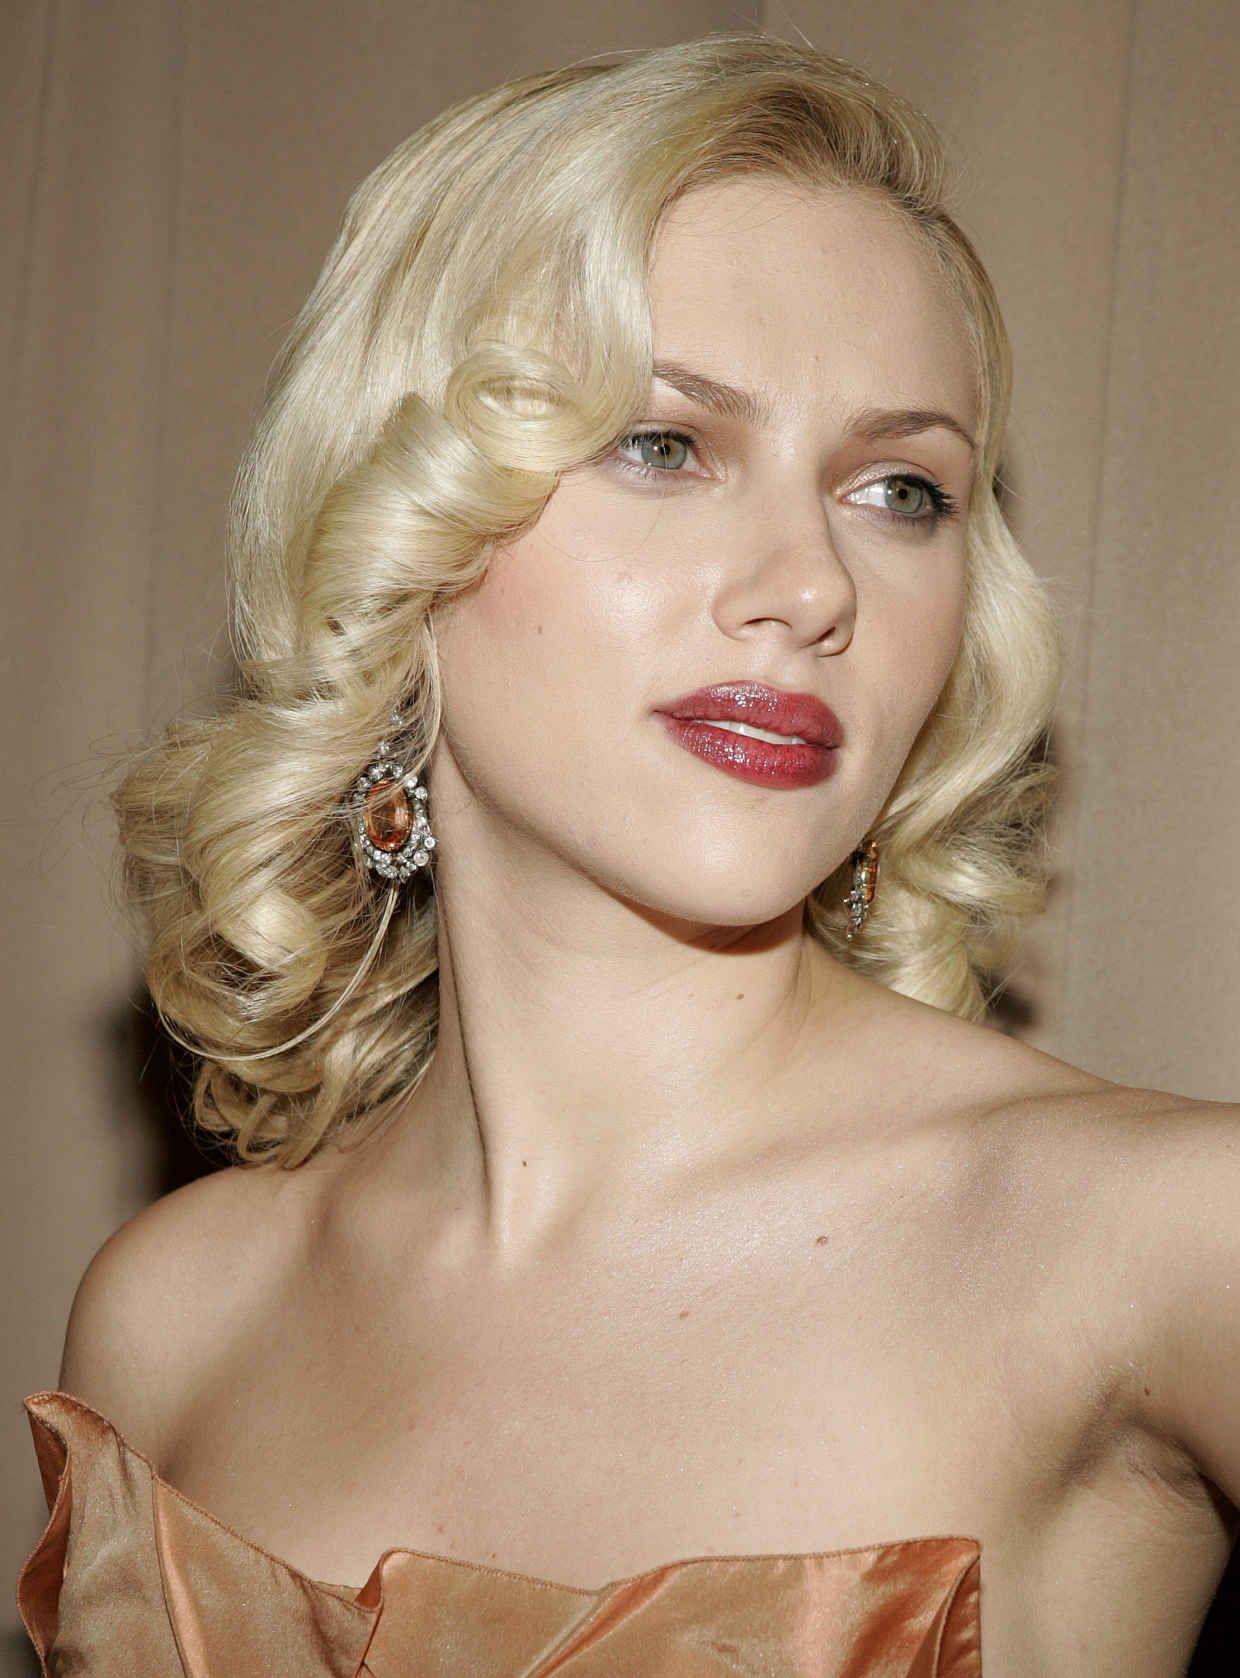 Scarlett Johanson đeo hoa tai đính đá hình tròn - cách chọn hoa tai phù hợp với hình dáng gương mặt